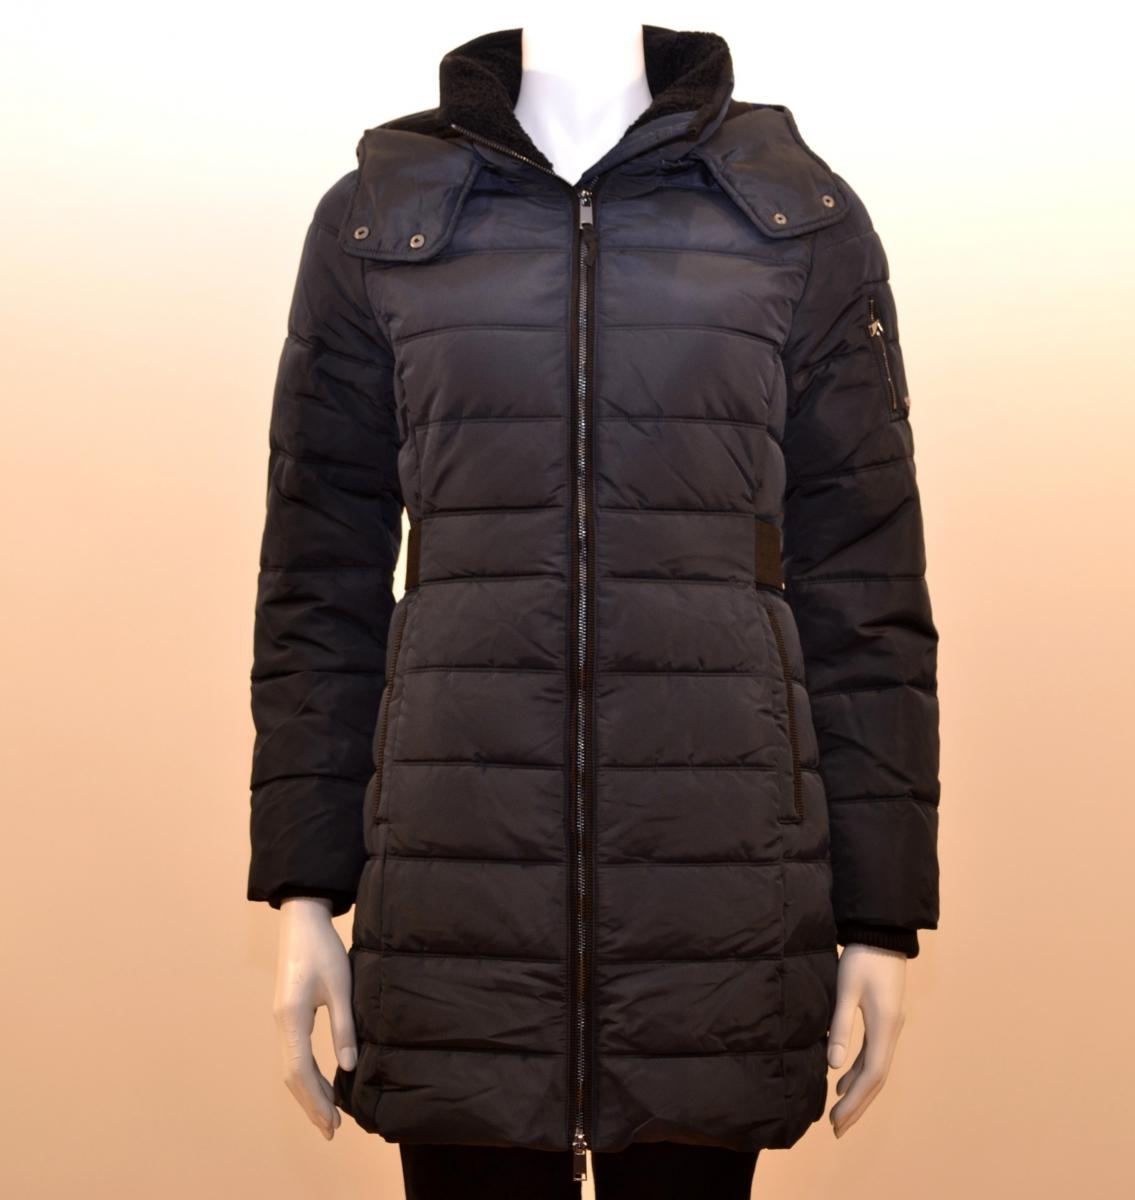 Doudoune Navy 108ee1g001 Vêtements De Marque Esprit mv0wON8n